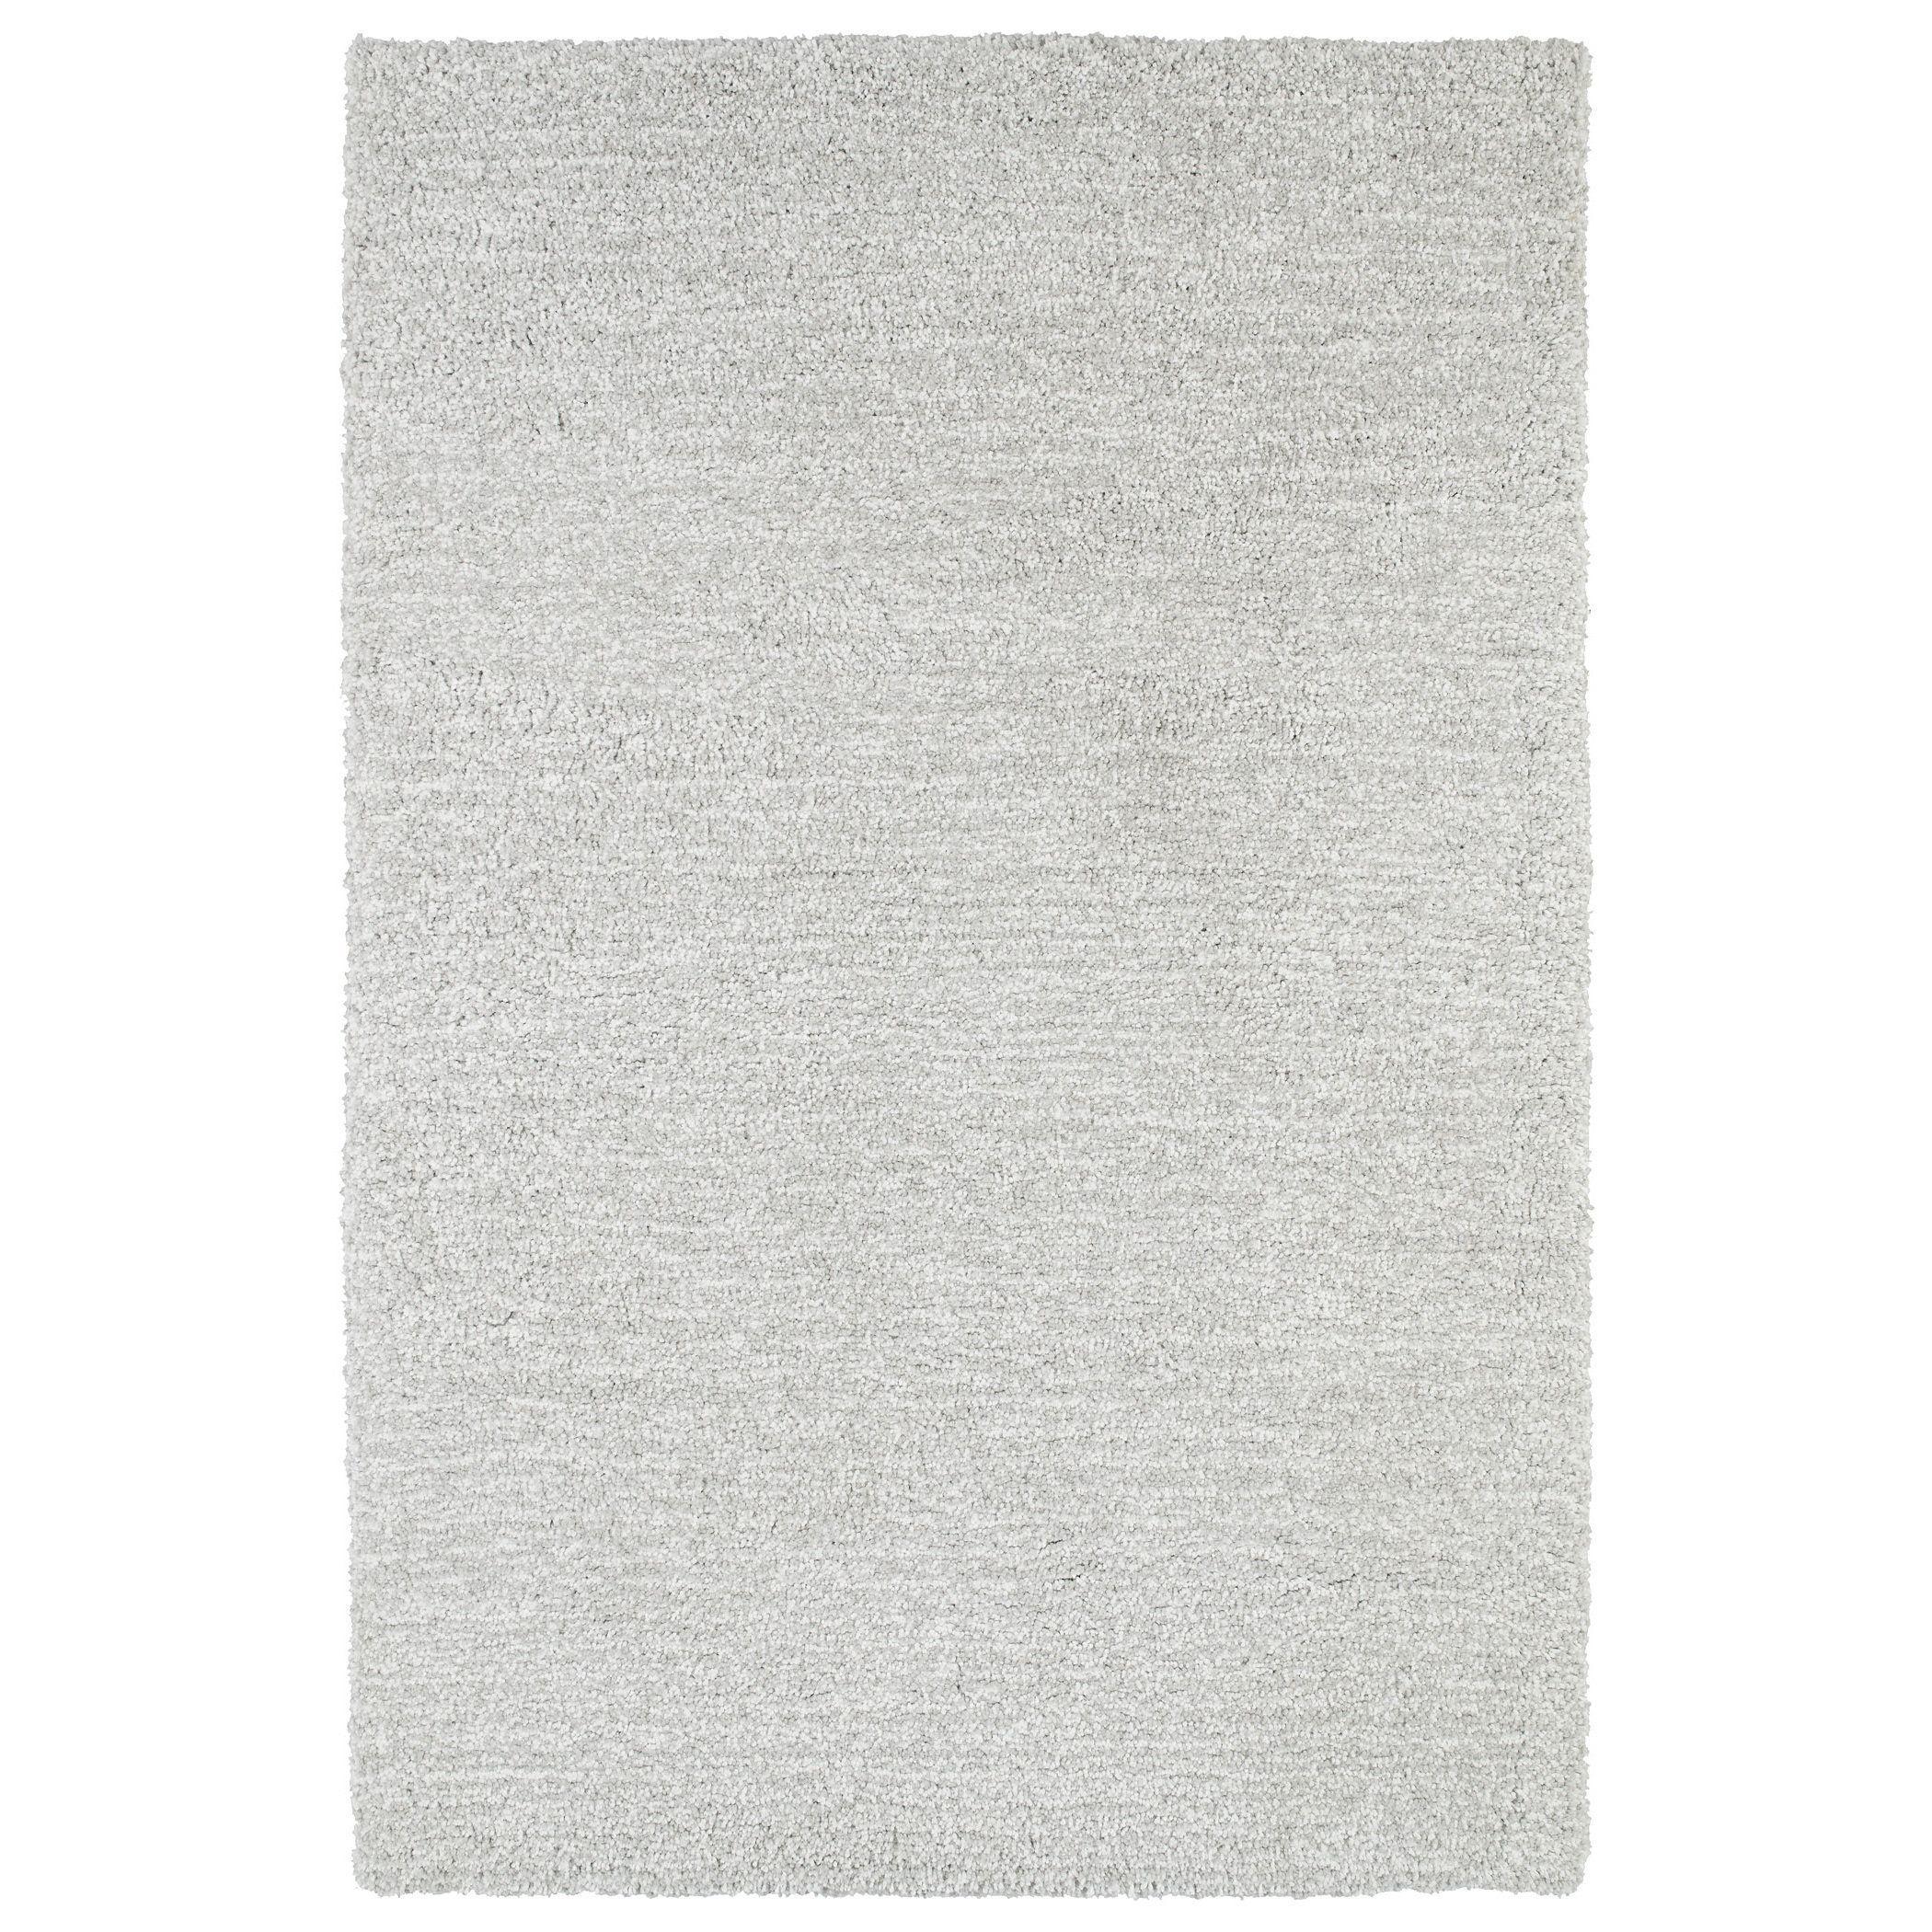 kaleen rugs fluffy silver shag rug 5u00270 x 7u00276